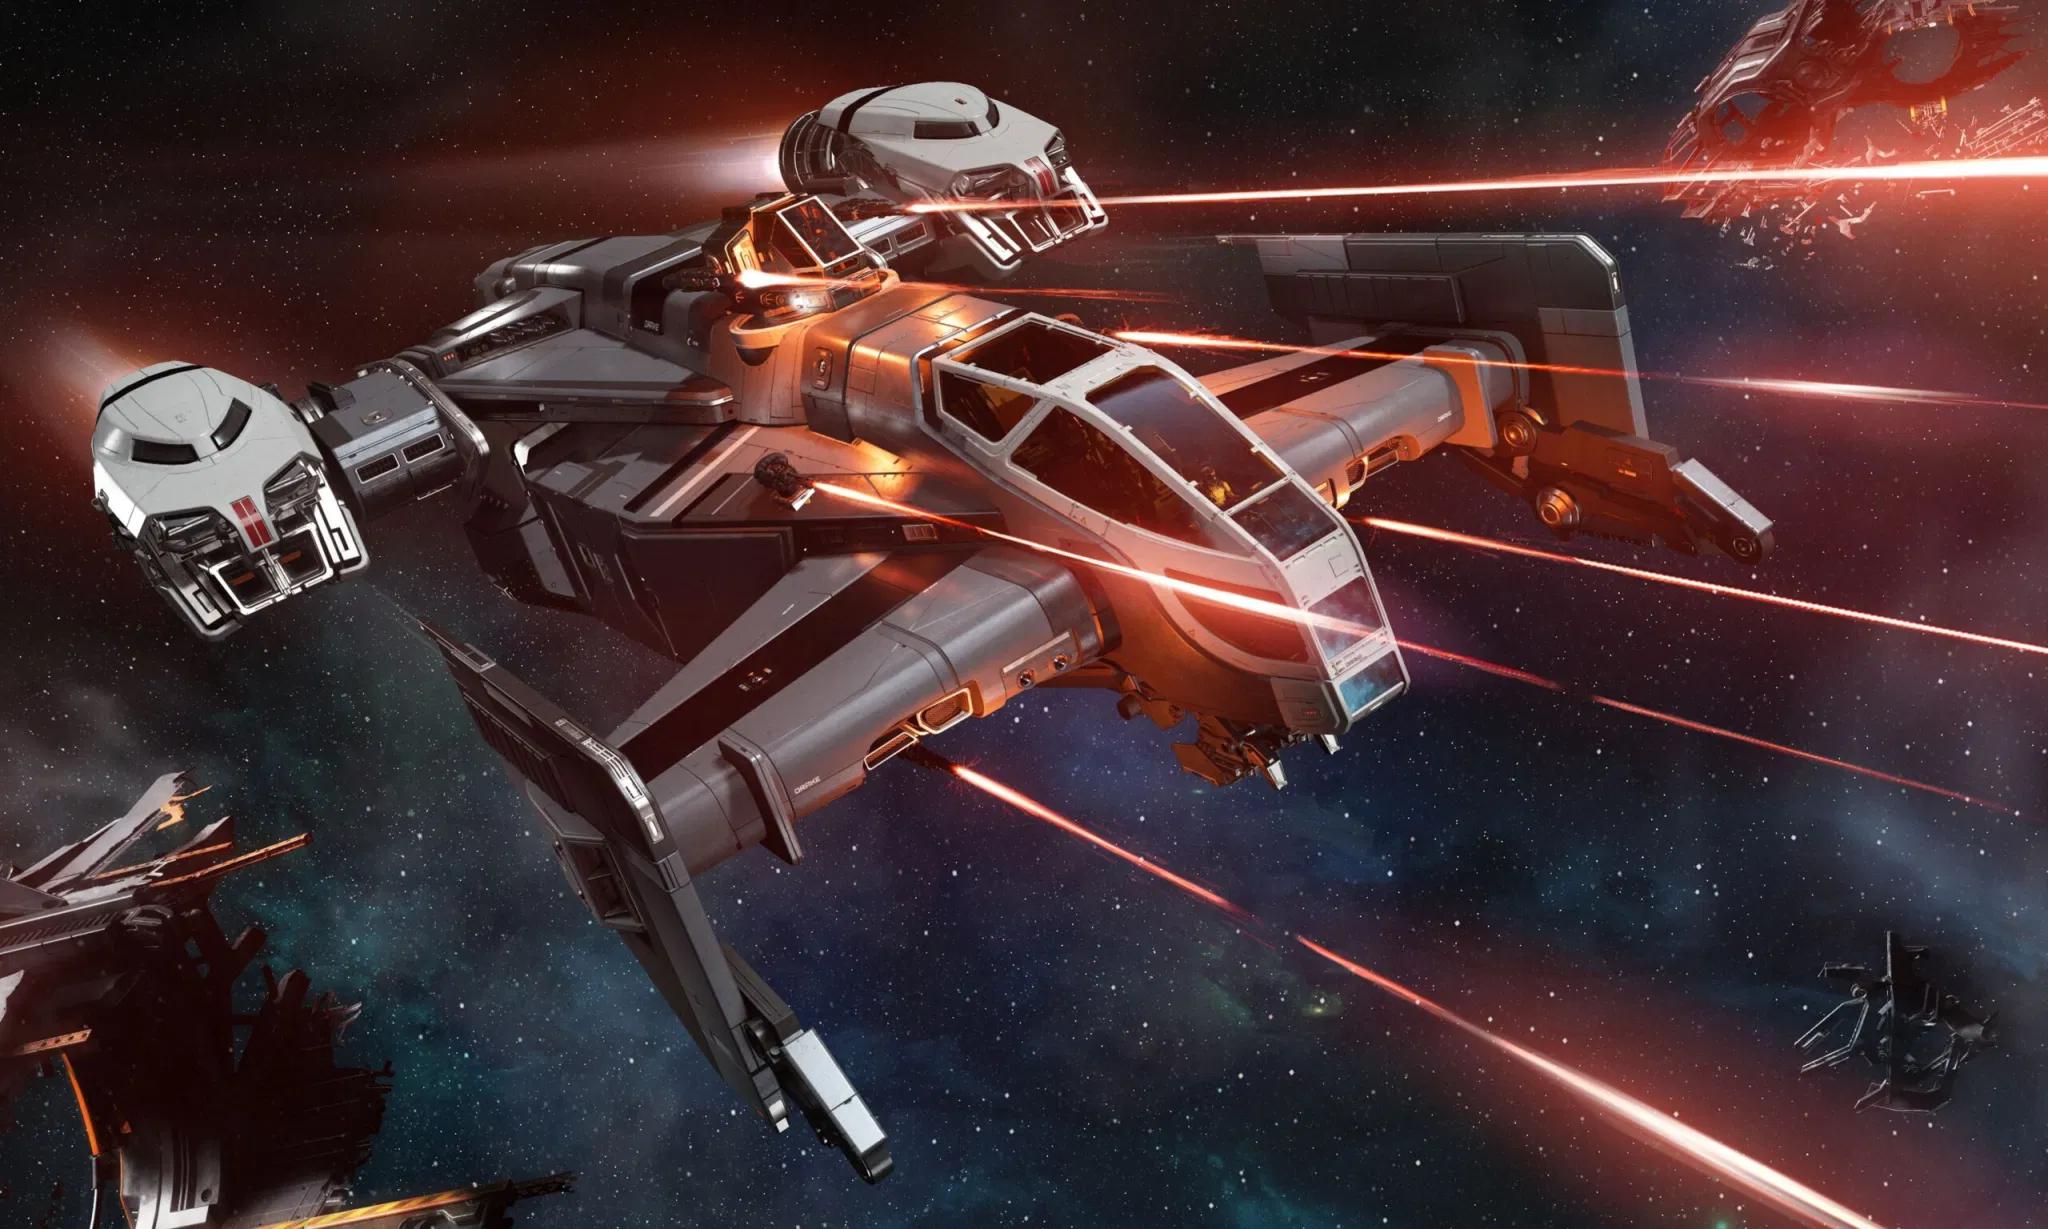 Создатель Star Citizen сделал обращение по поводу разработки игры; В среднем в обычные дни играют более 30 000 игроков